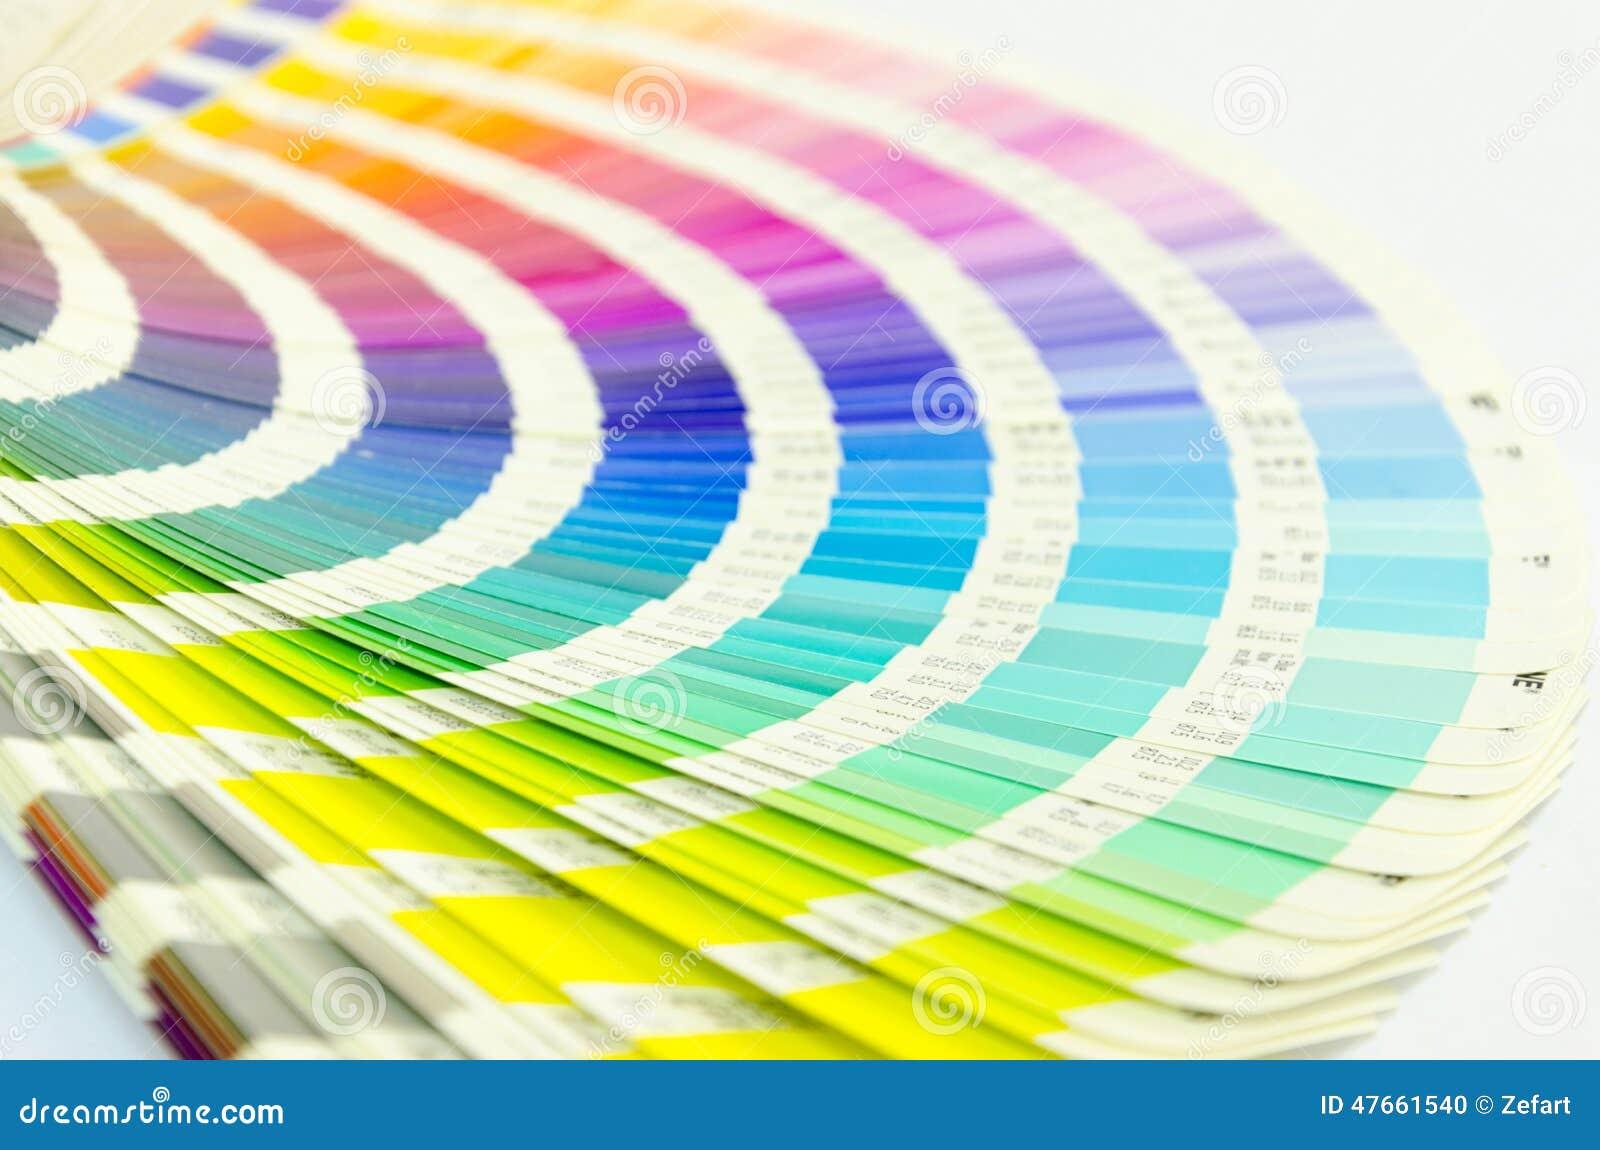 open sample colors catalogue stock photo image of nuances palette